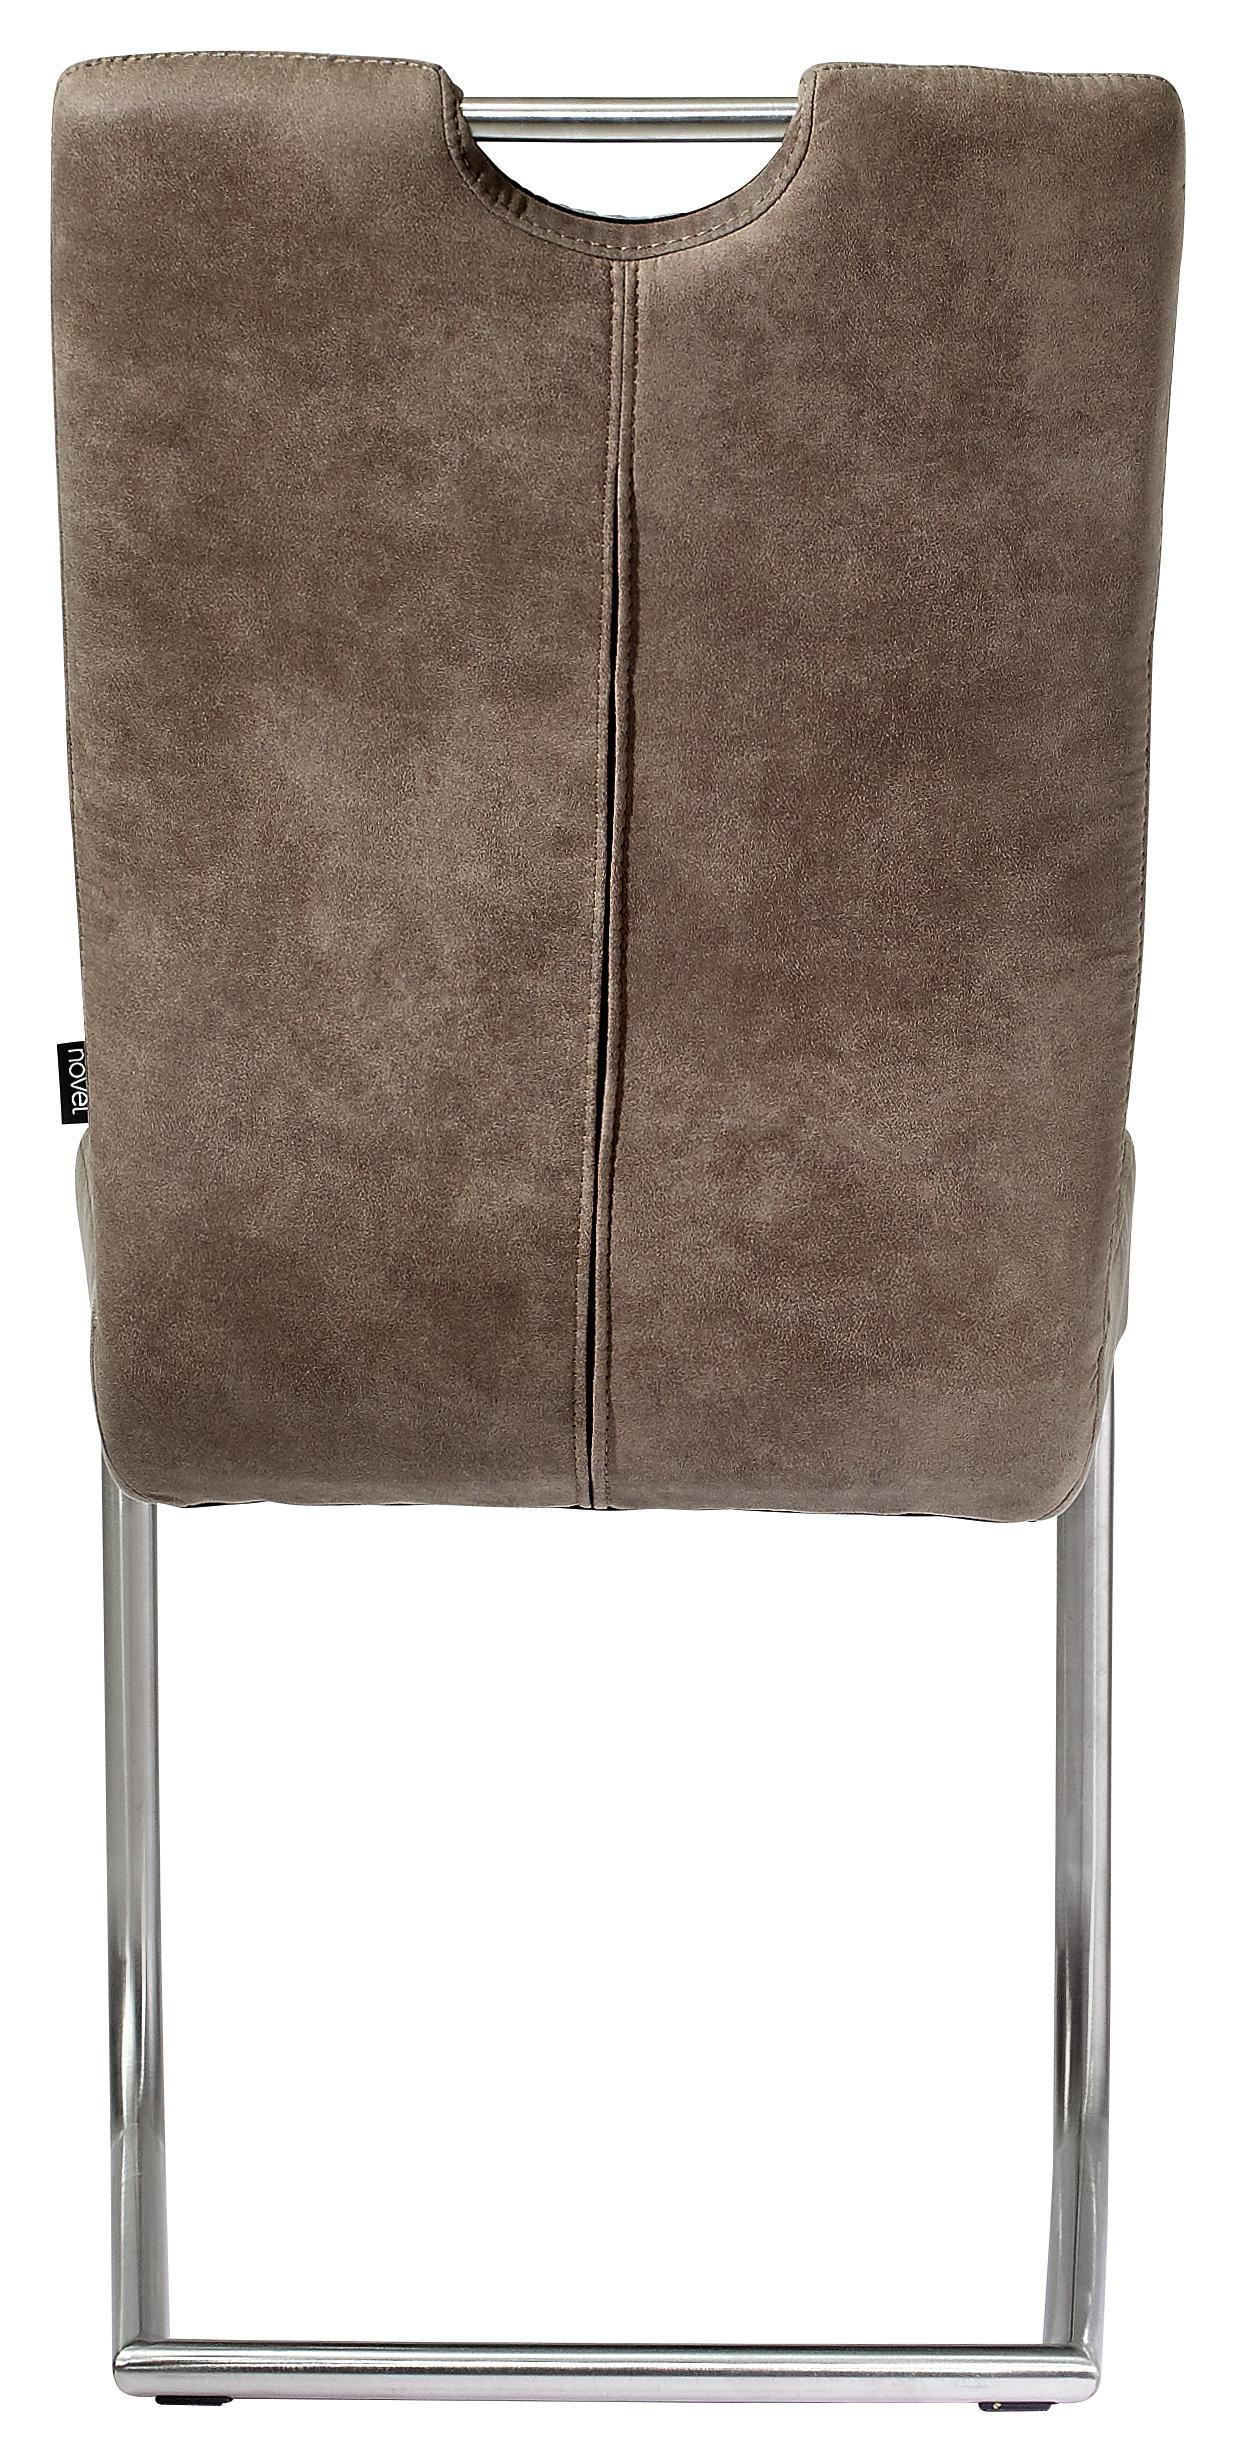 Schön Esstisch Stühle Beige Referenz Von